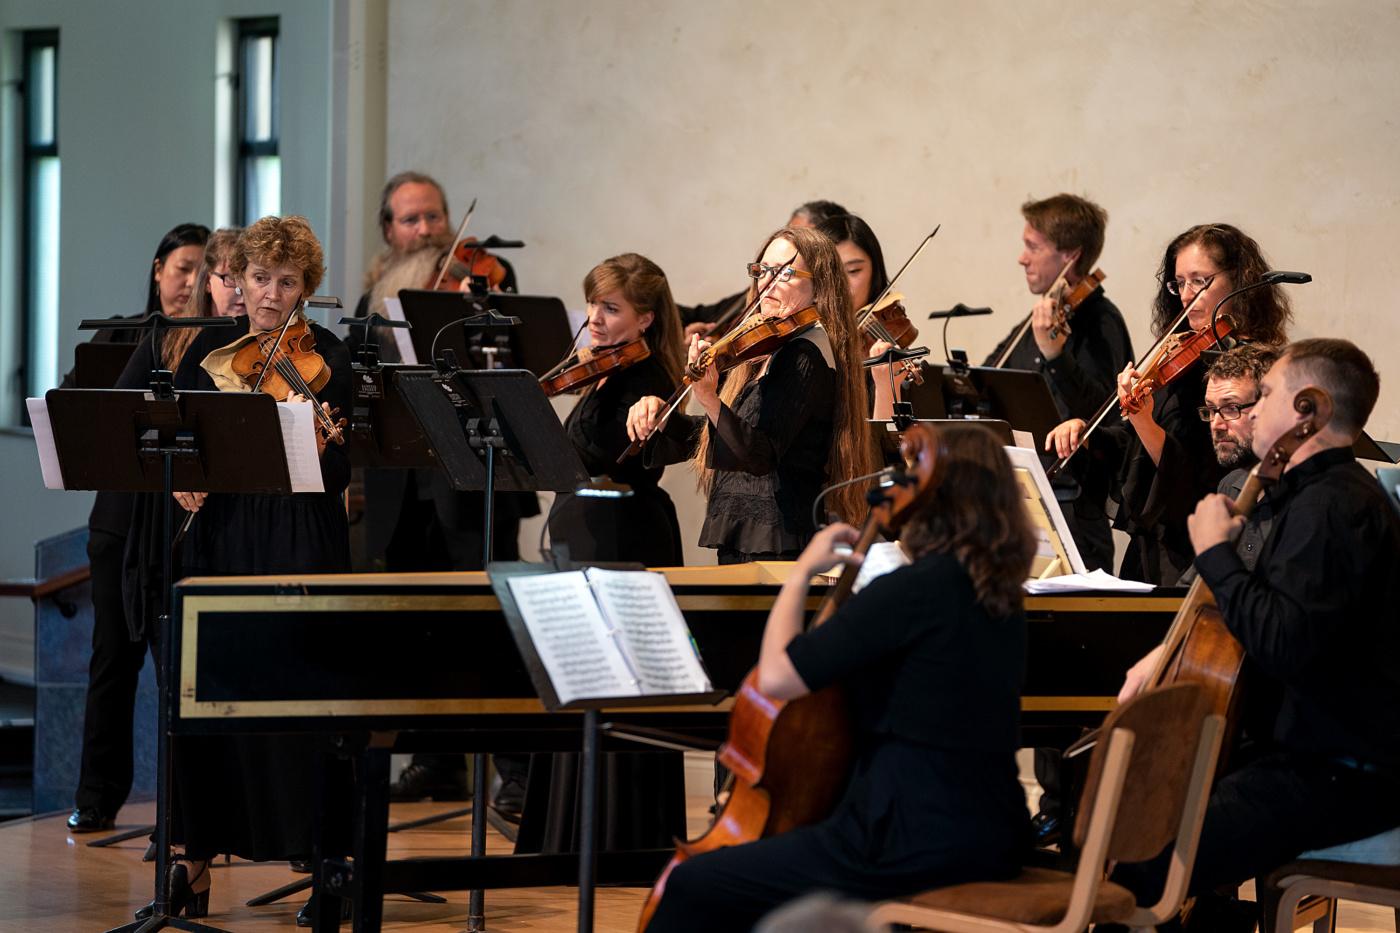 Back to Bach Concertos